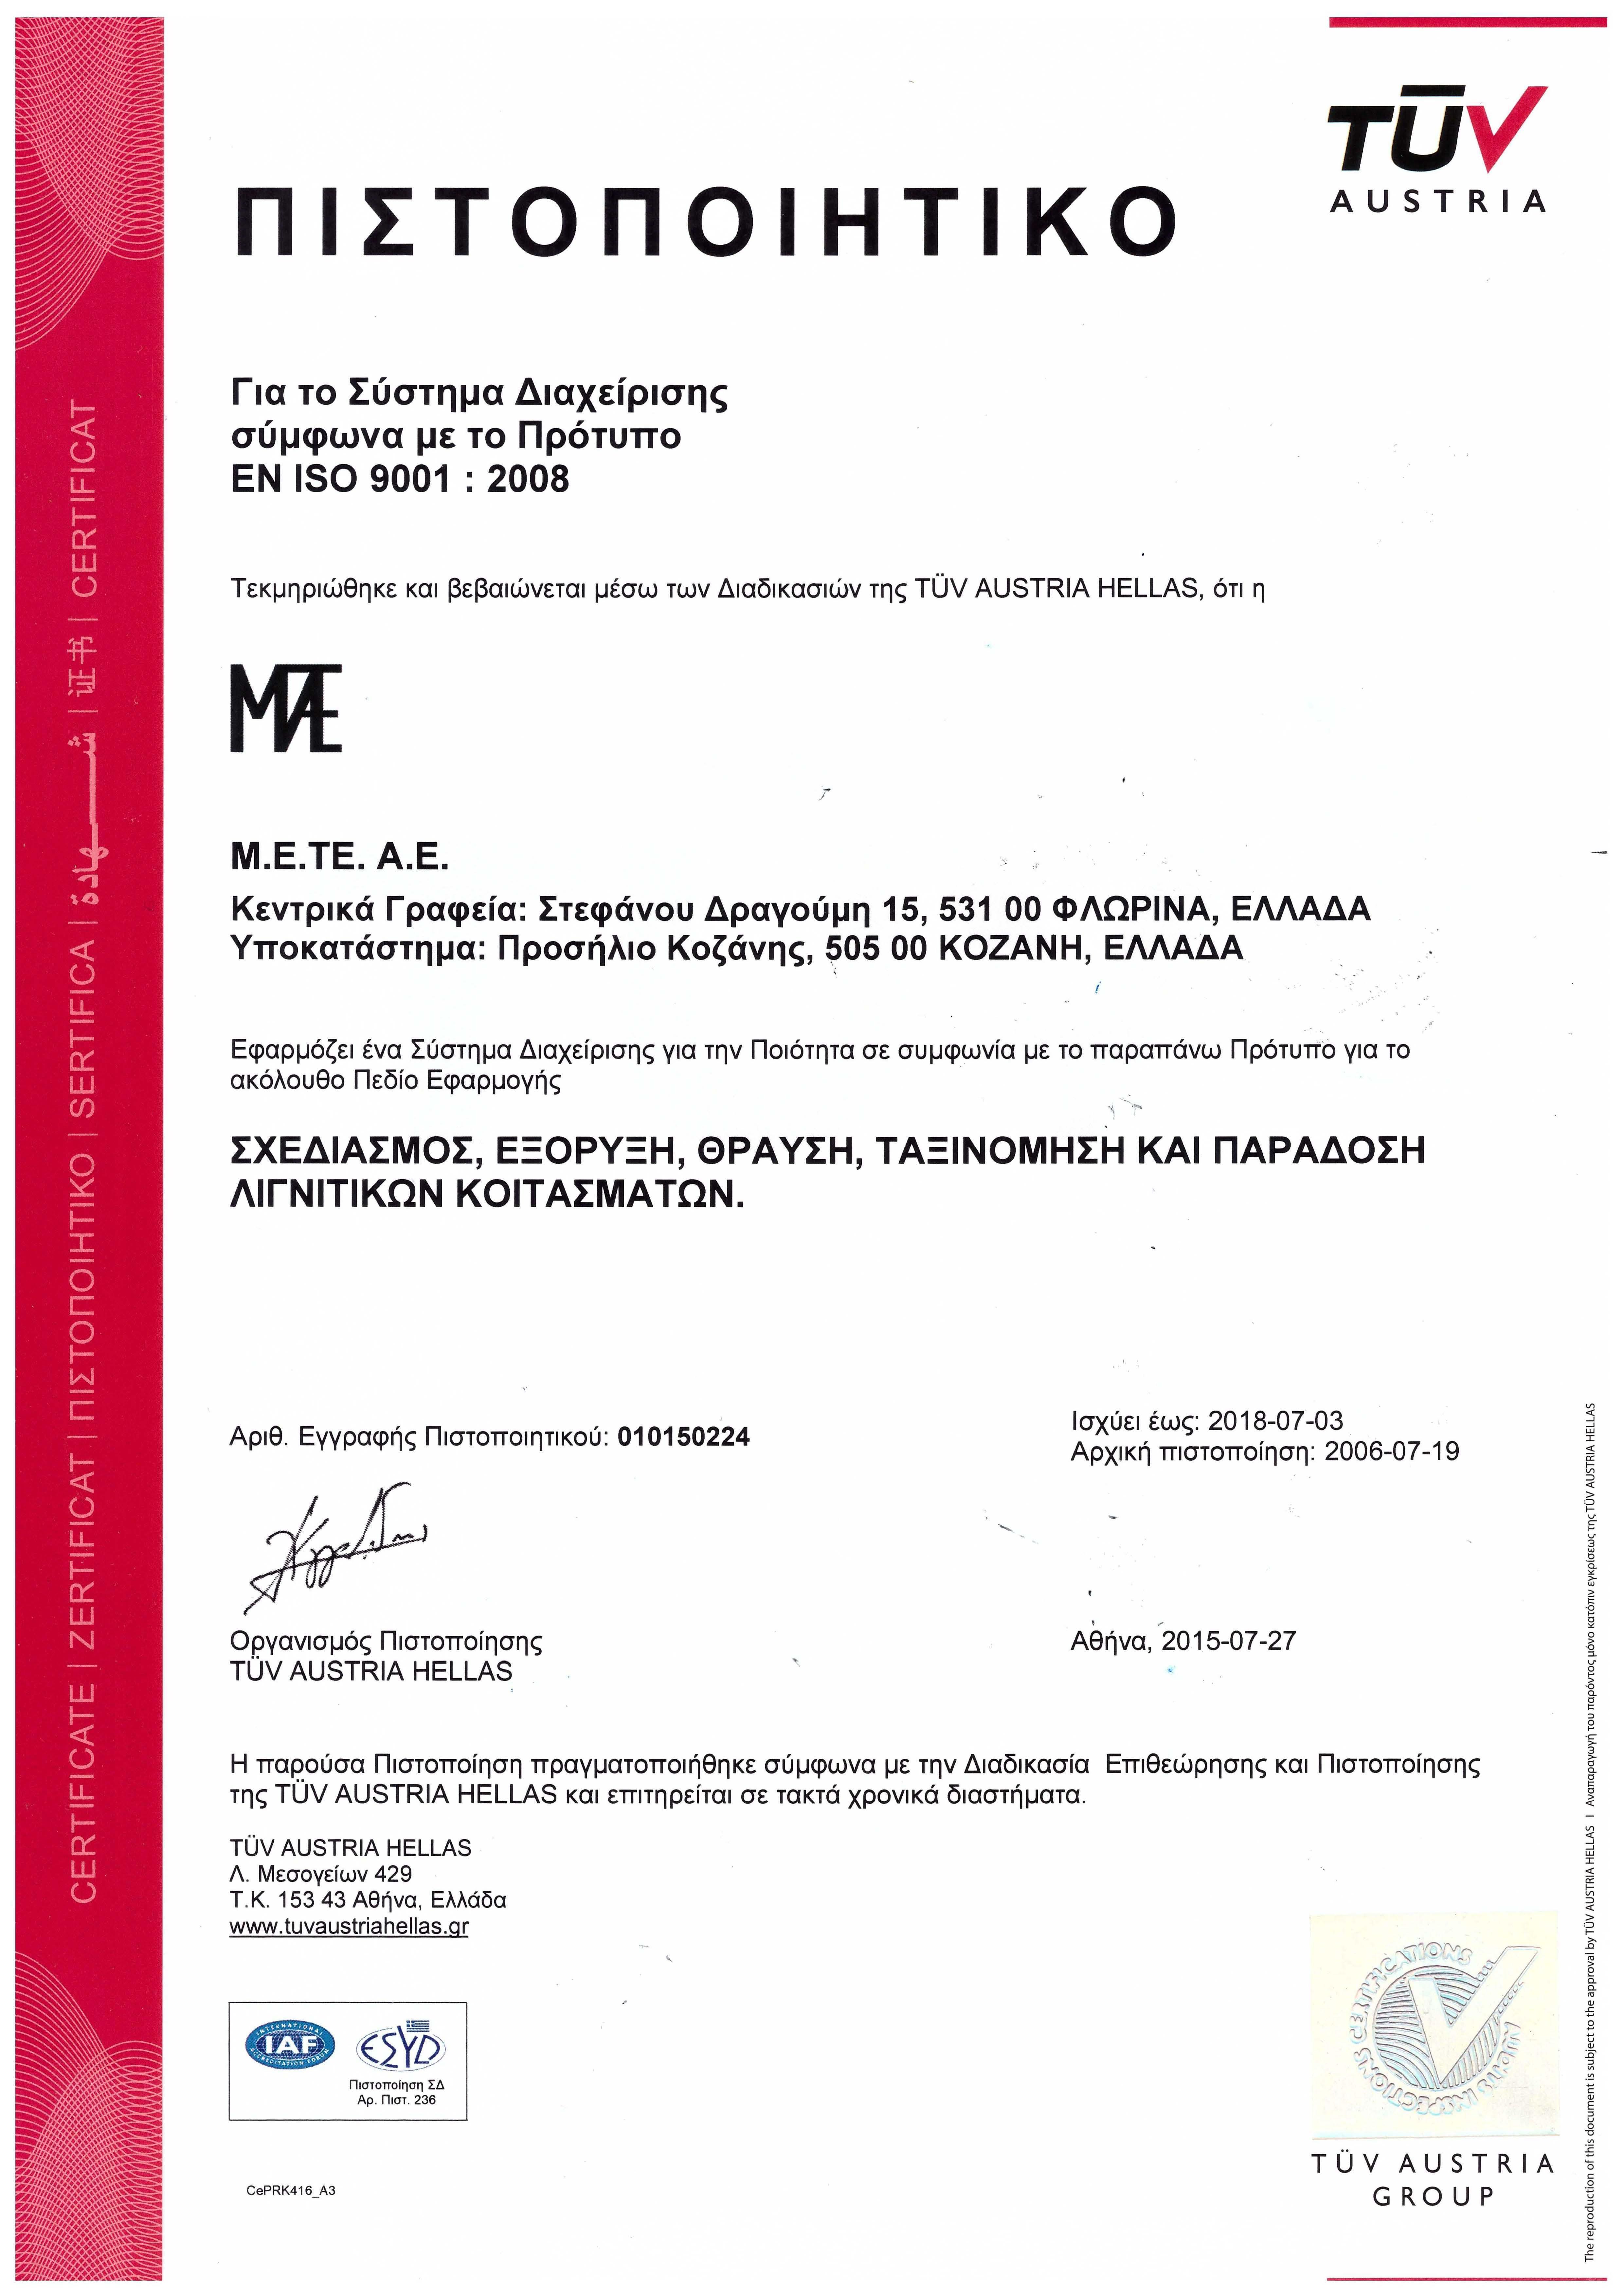 9.1 ISO 9001 EL